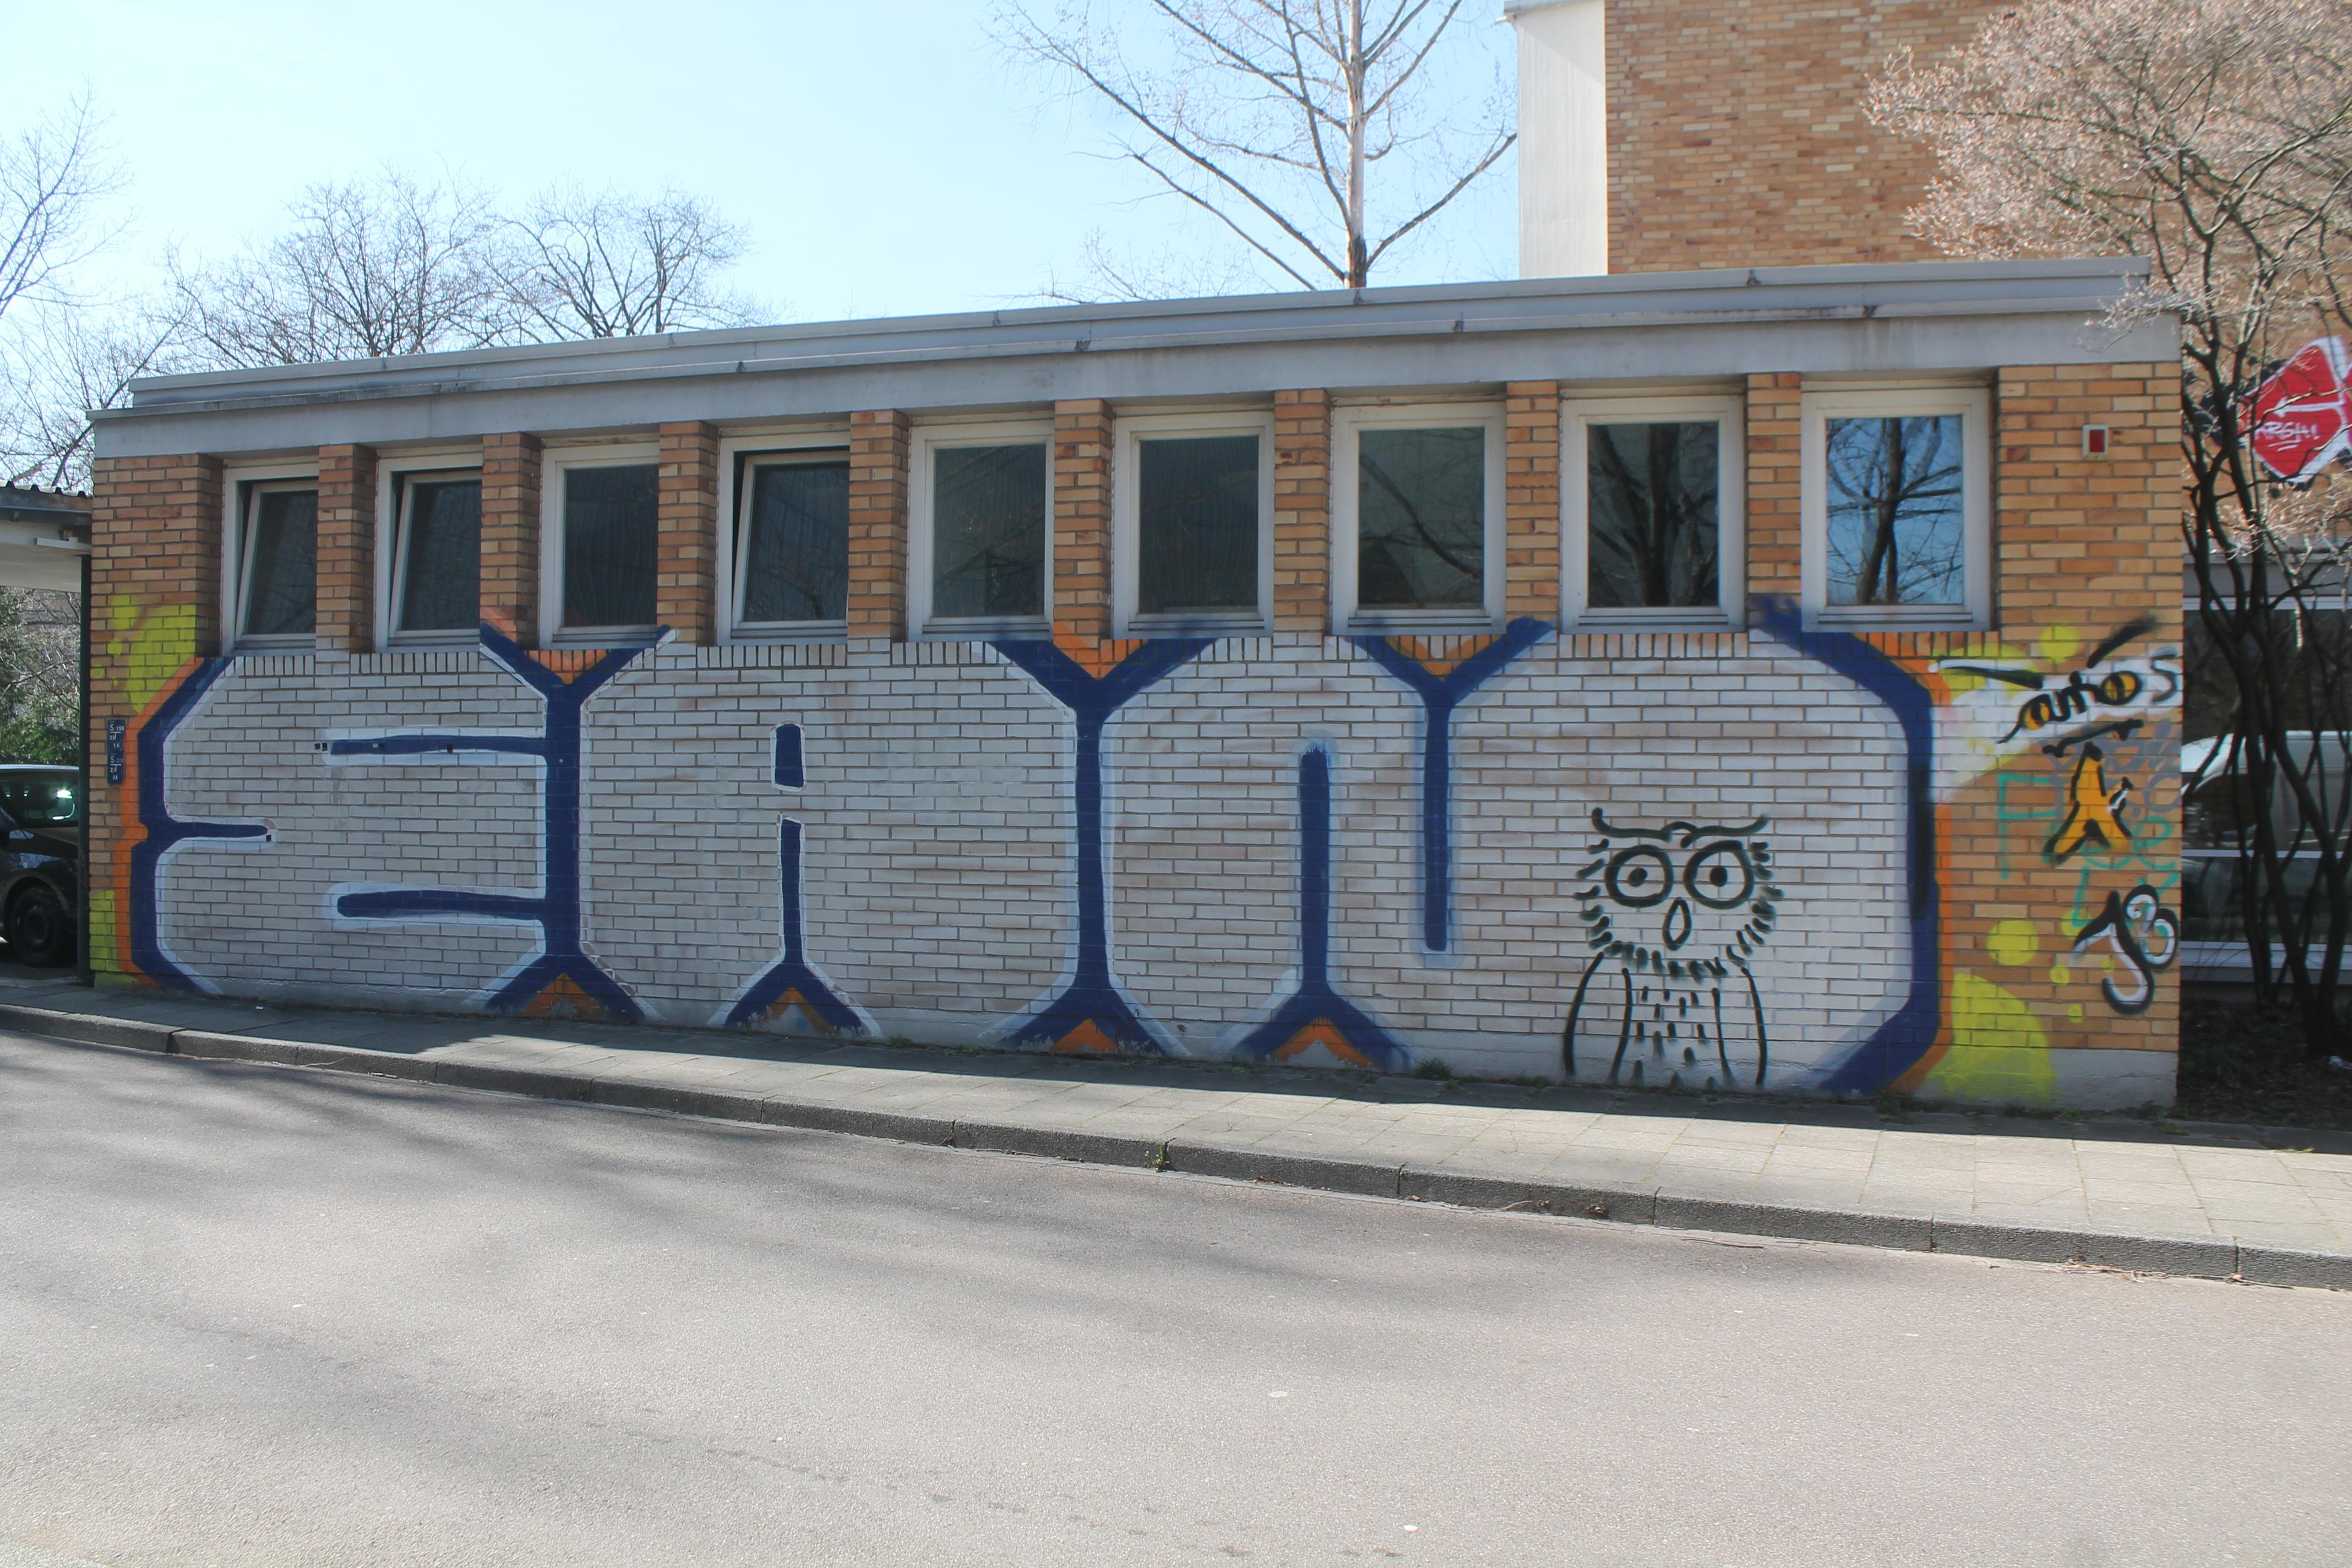 Großflächige Graffitis